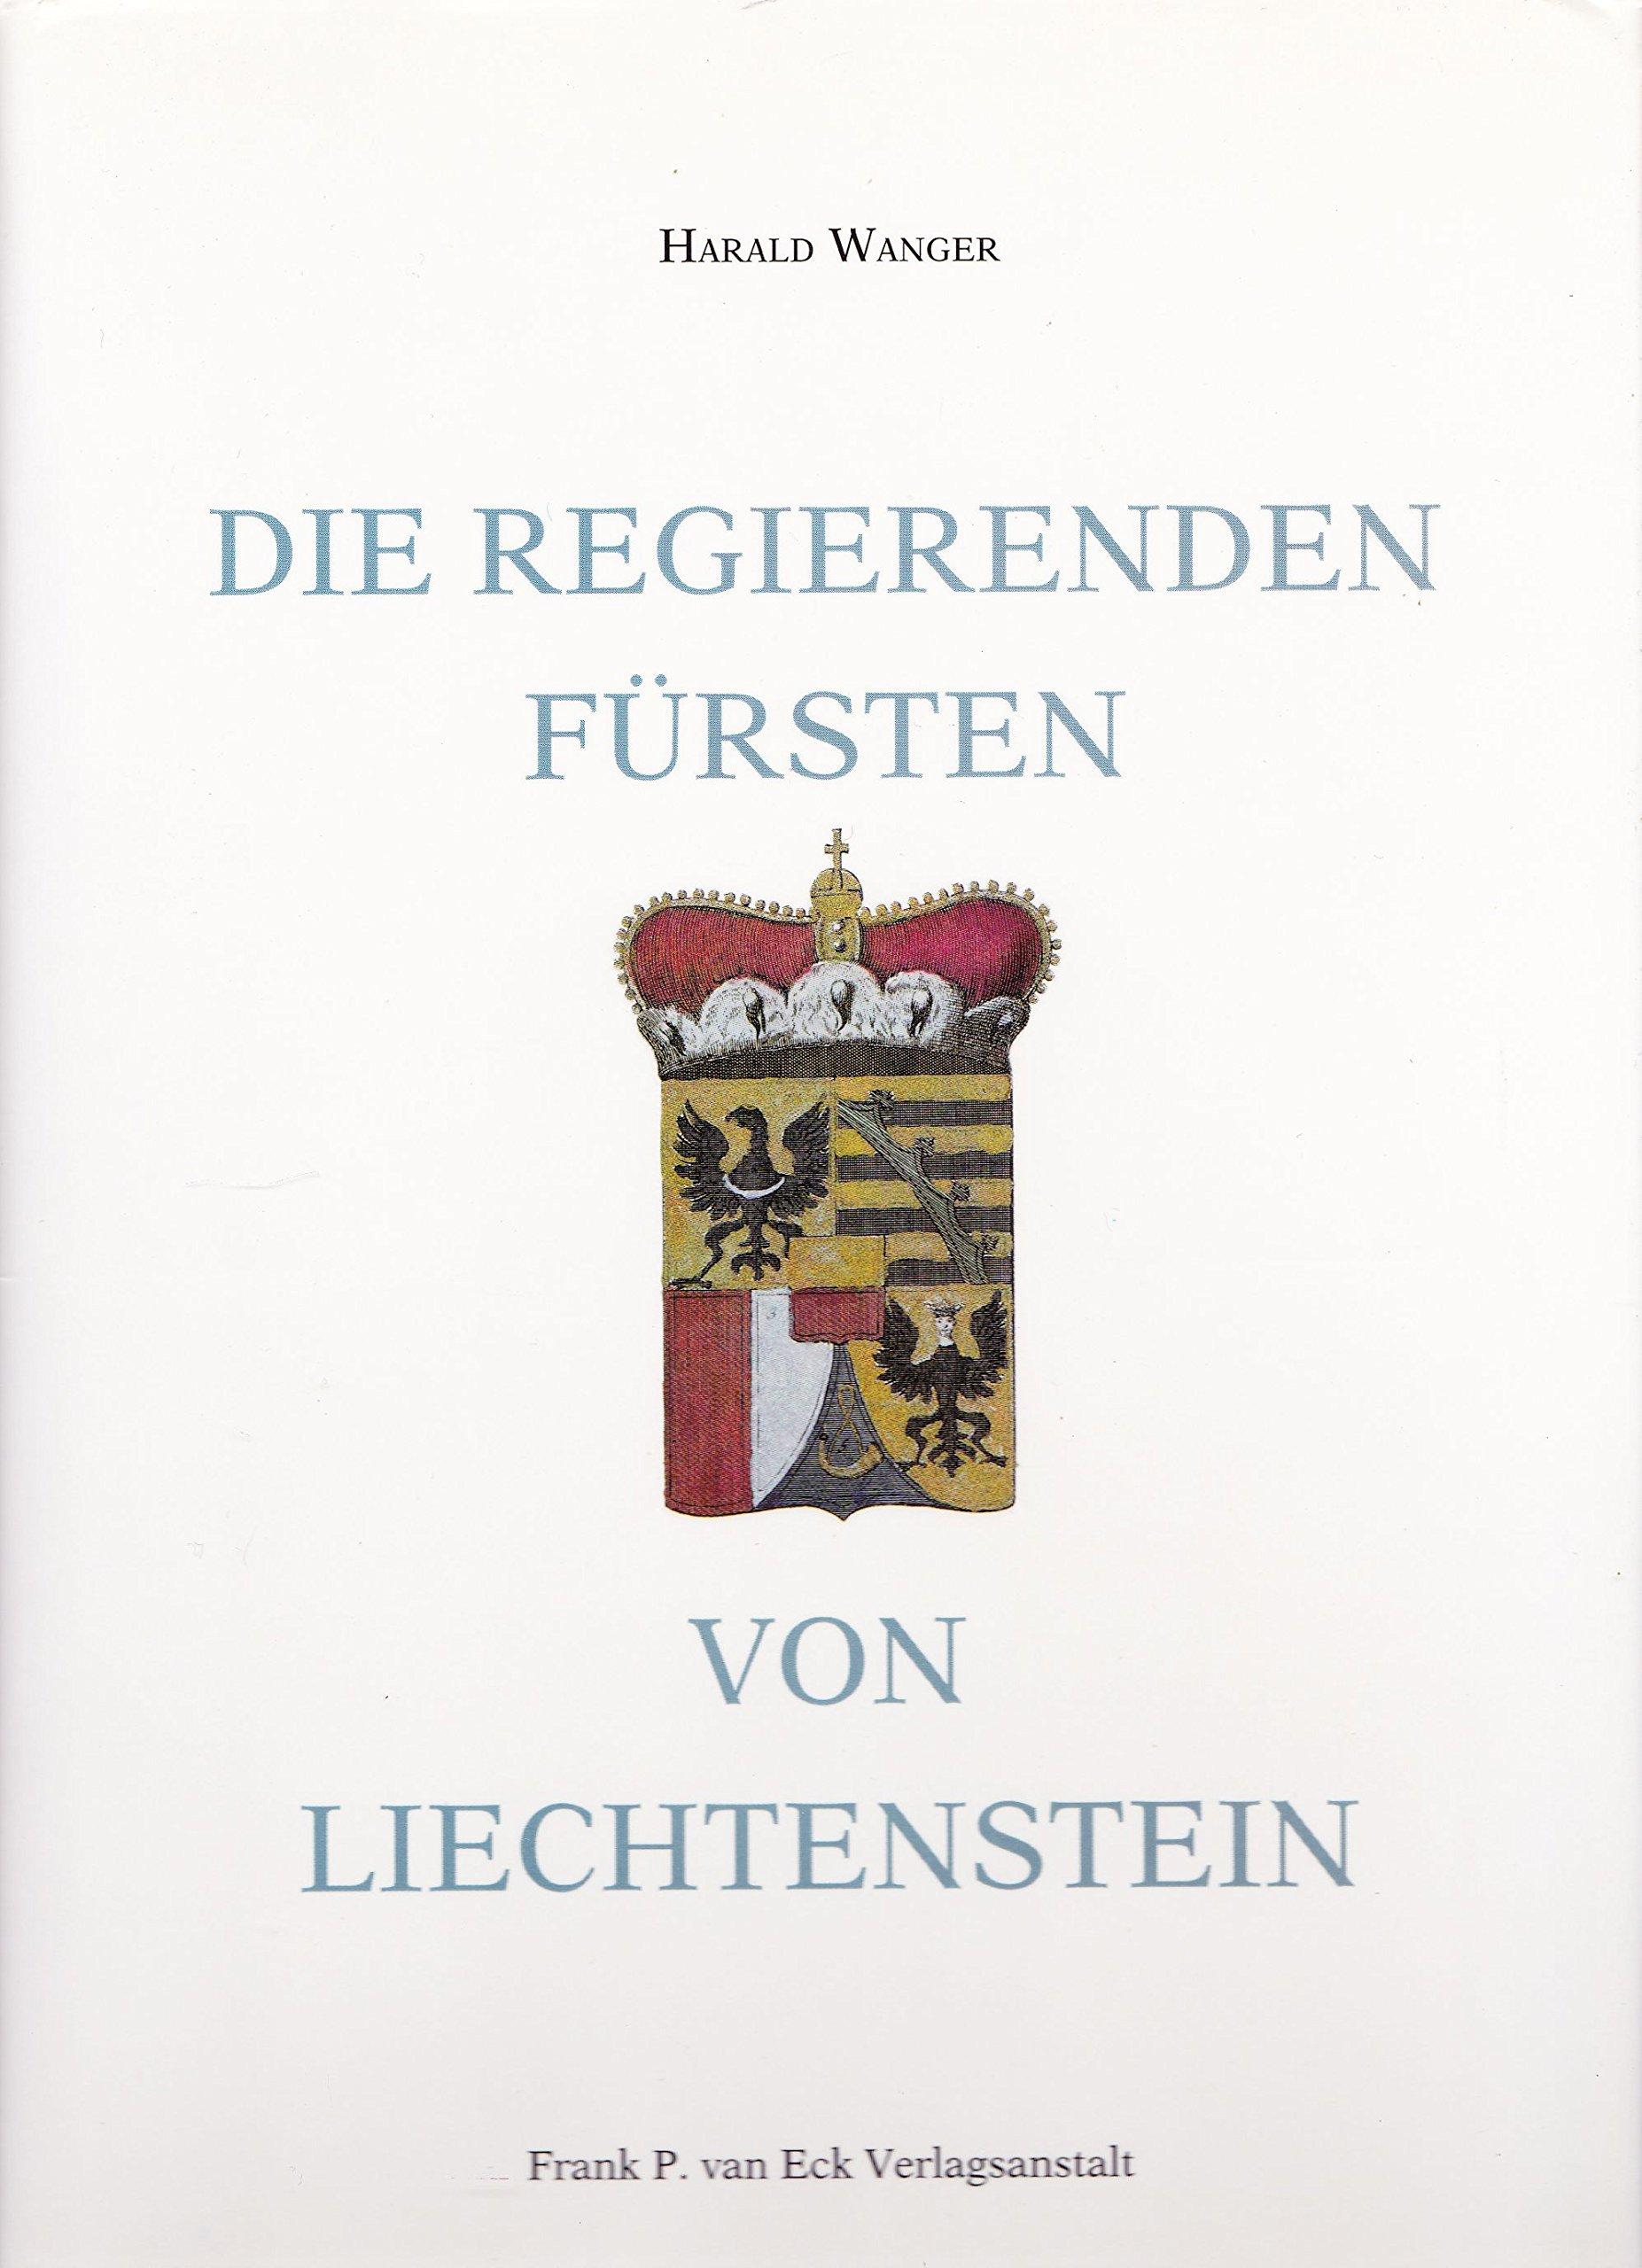 Die Regieren Den Fursten Von Liechtenstein (German Edition) by Royal Books